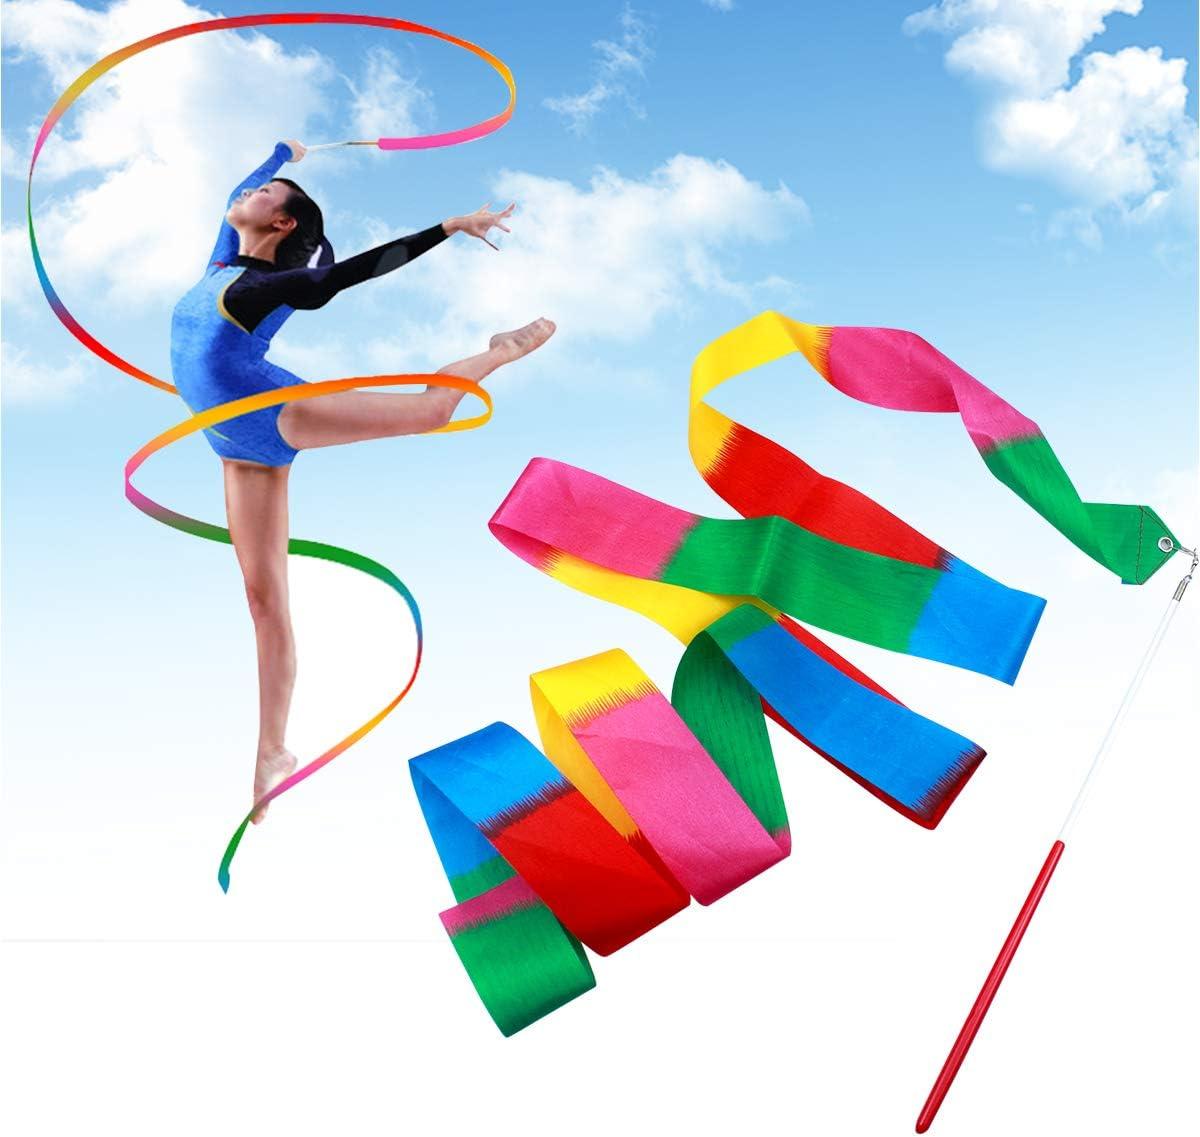 NATUCE 2 M/ètres Rubans de Gymnastique Gym Danse Tige De Streamer B/âton Twirling Art Rubans Rythmiques Baguettes pour Danses dart pour Enfants 3 Pi/èces